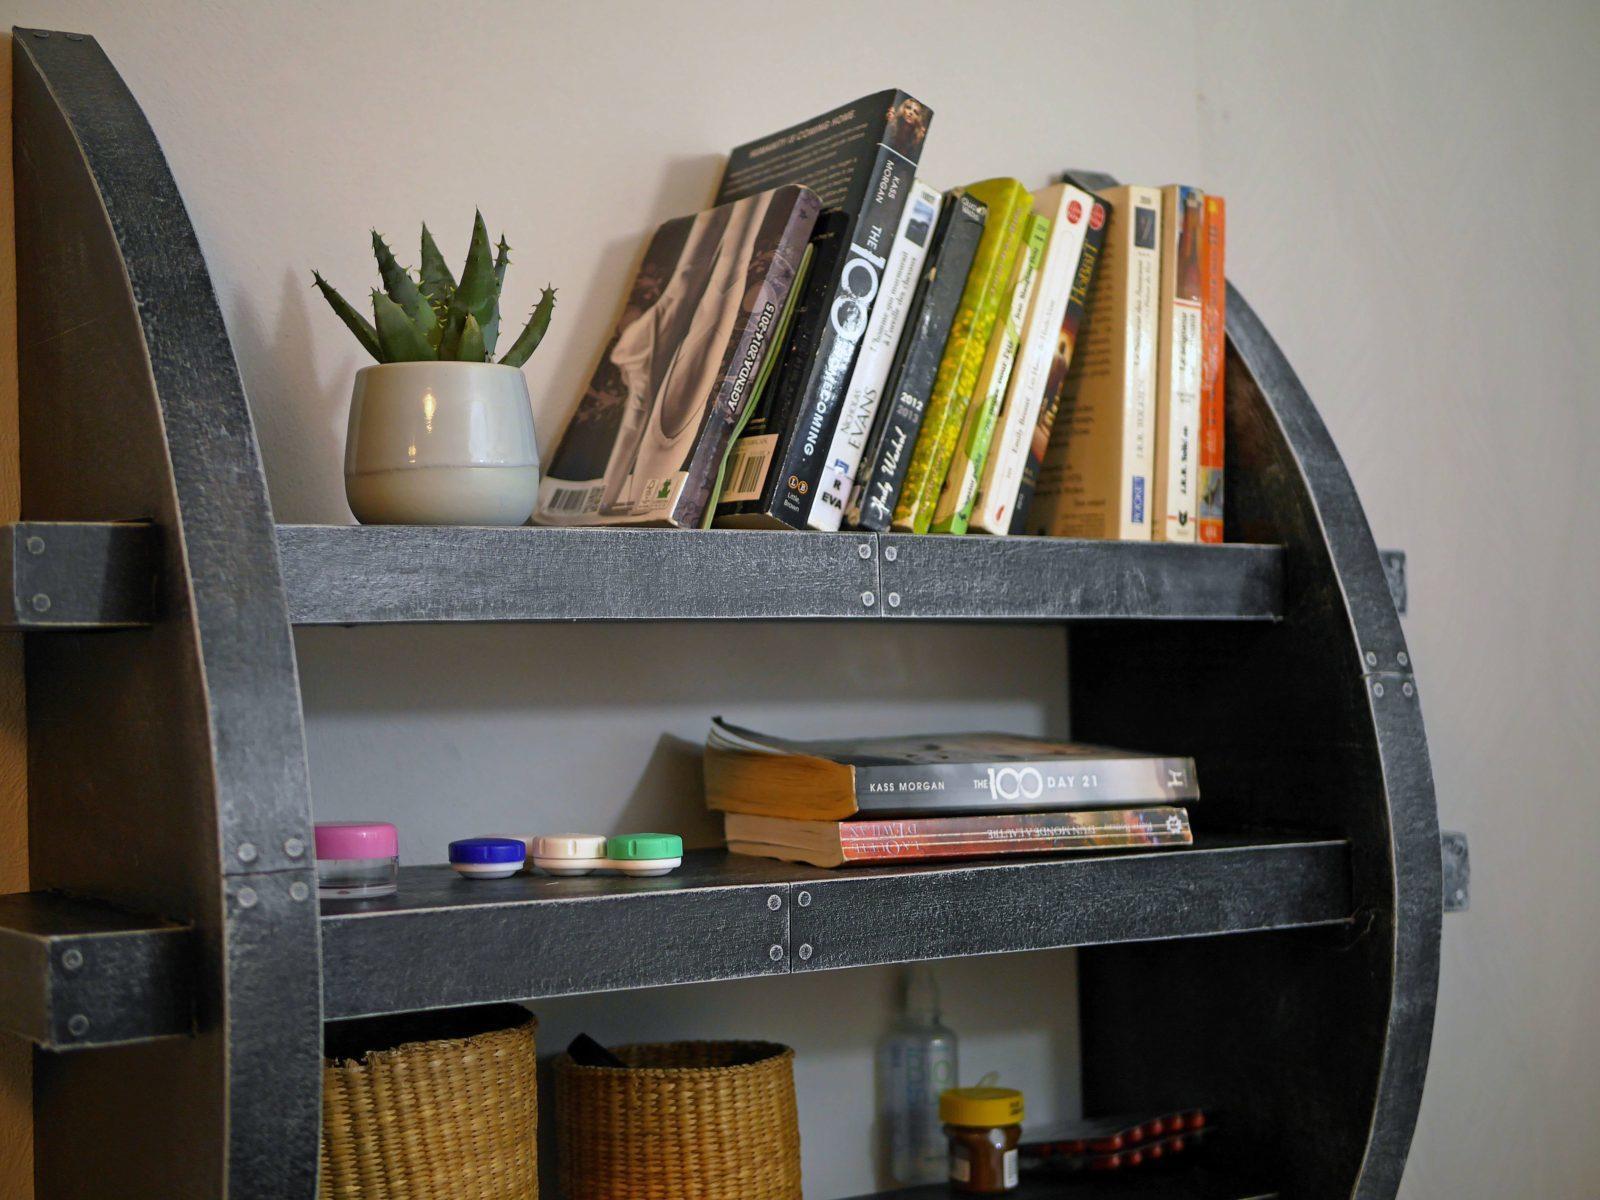 Image De Meuble En Carton comment suspendre un meuble en carton ? – cartonrecup